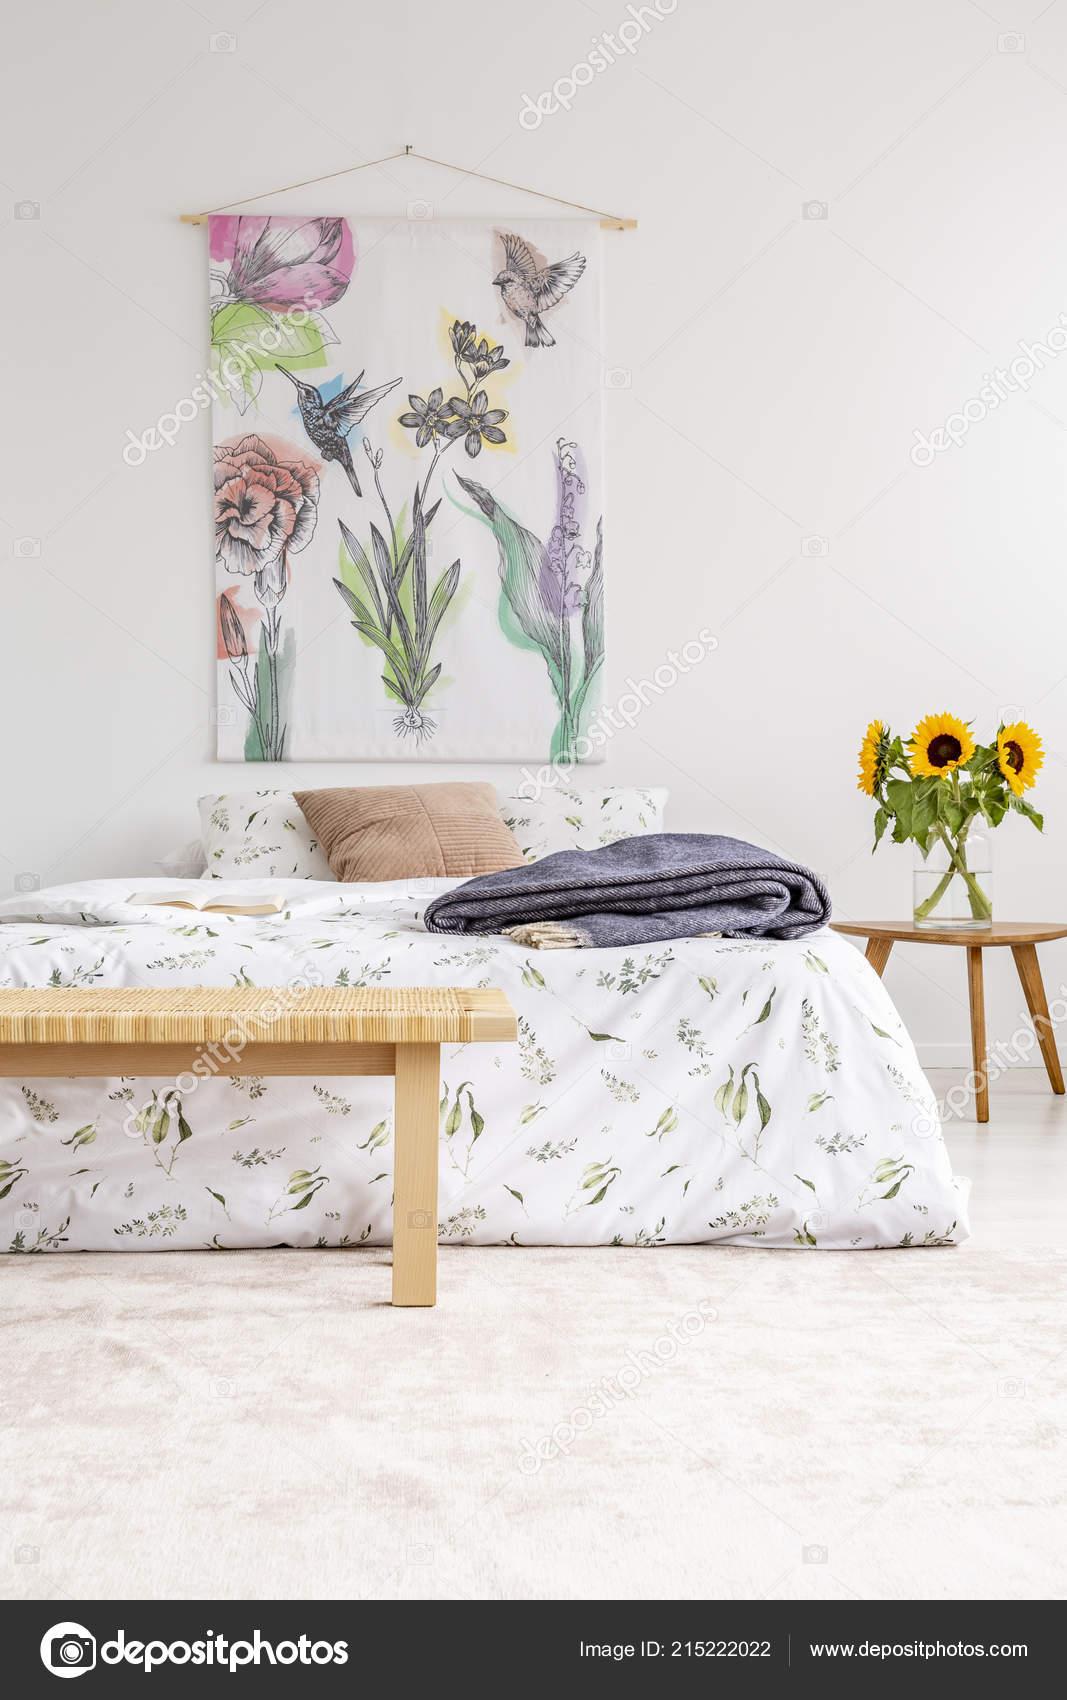 Ferienhaus Haus Minimal Schlafzimmer Innenraum Mit Bunten Blumen Und ...